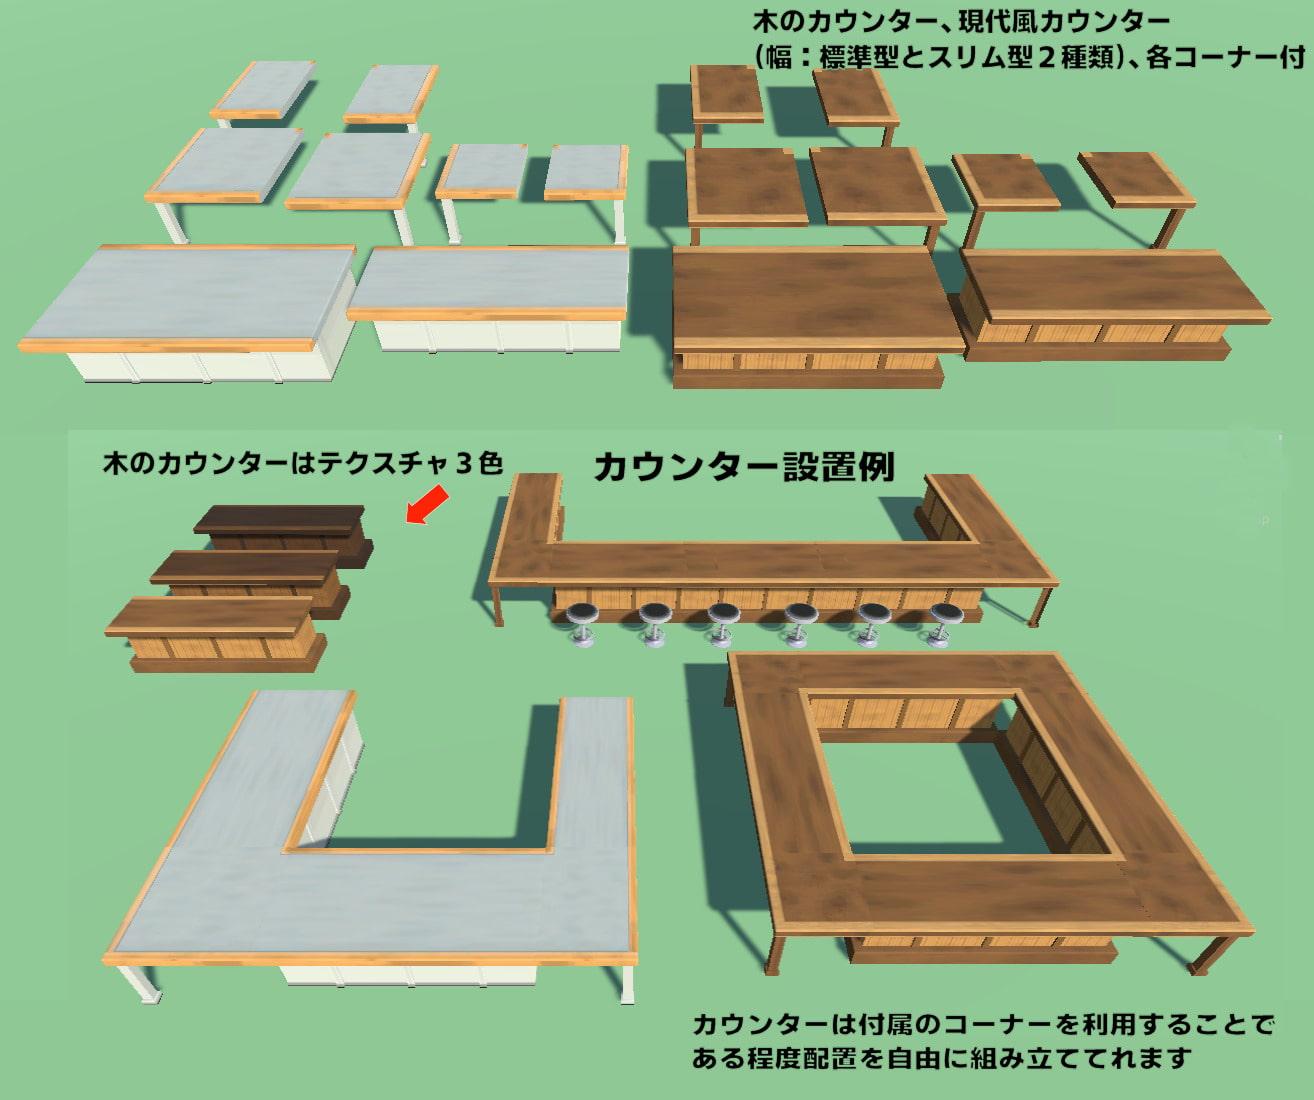 【3D素材】テーブル・イスセット(7点)[商用利用可,R18可,加工可]